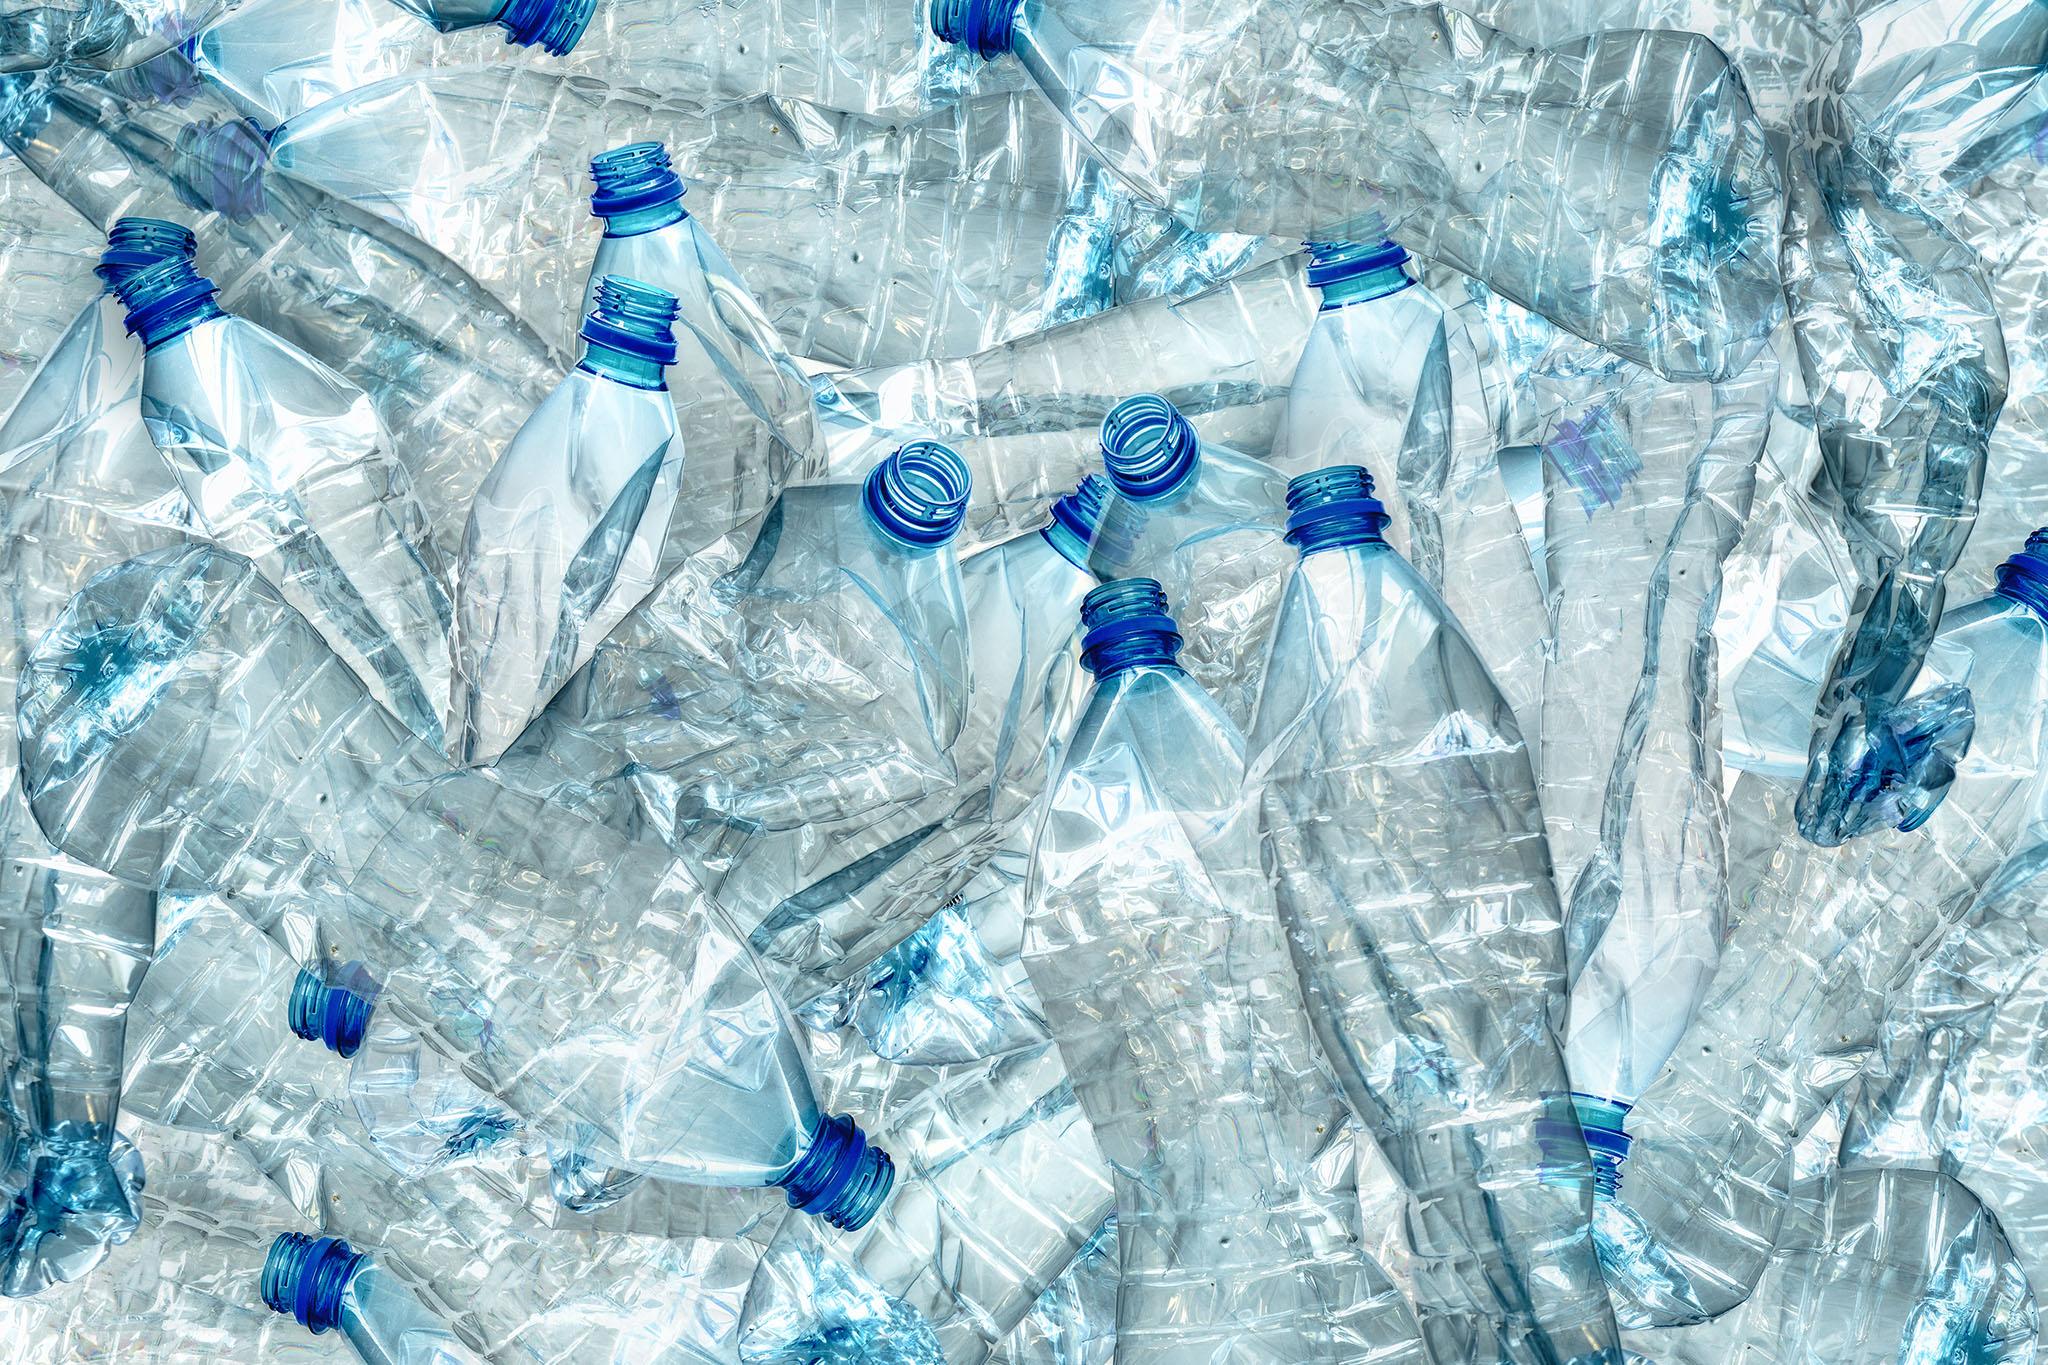 Statiegeld kleine plastic flesjes